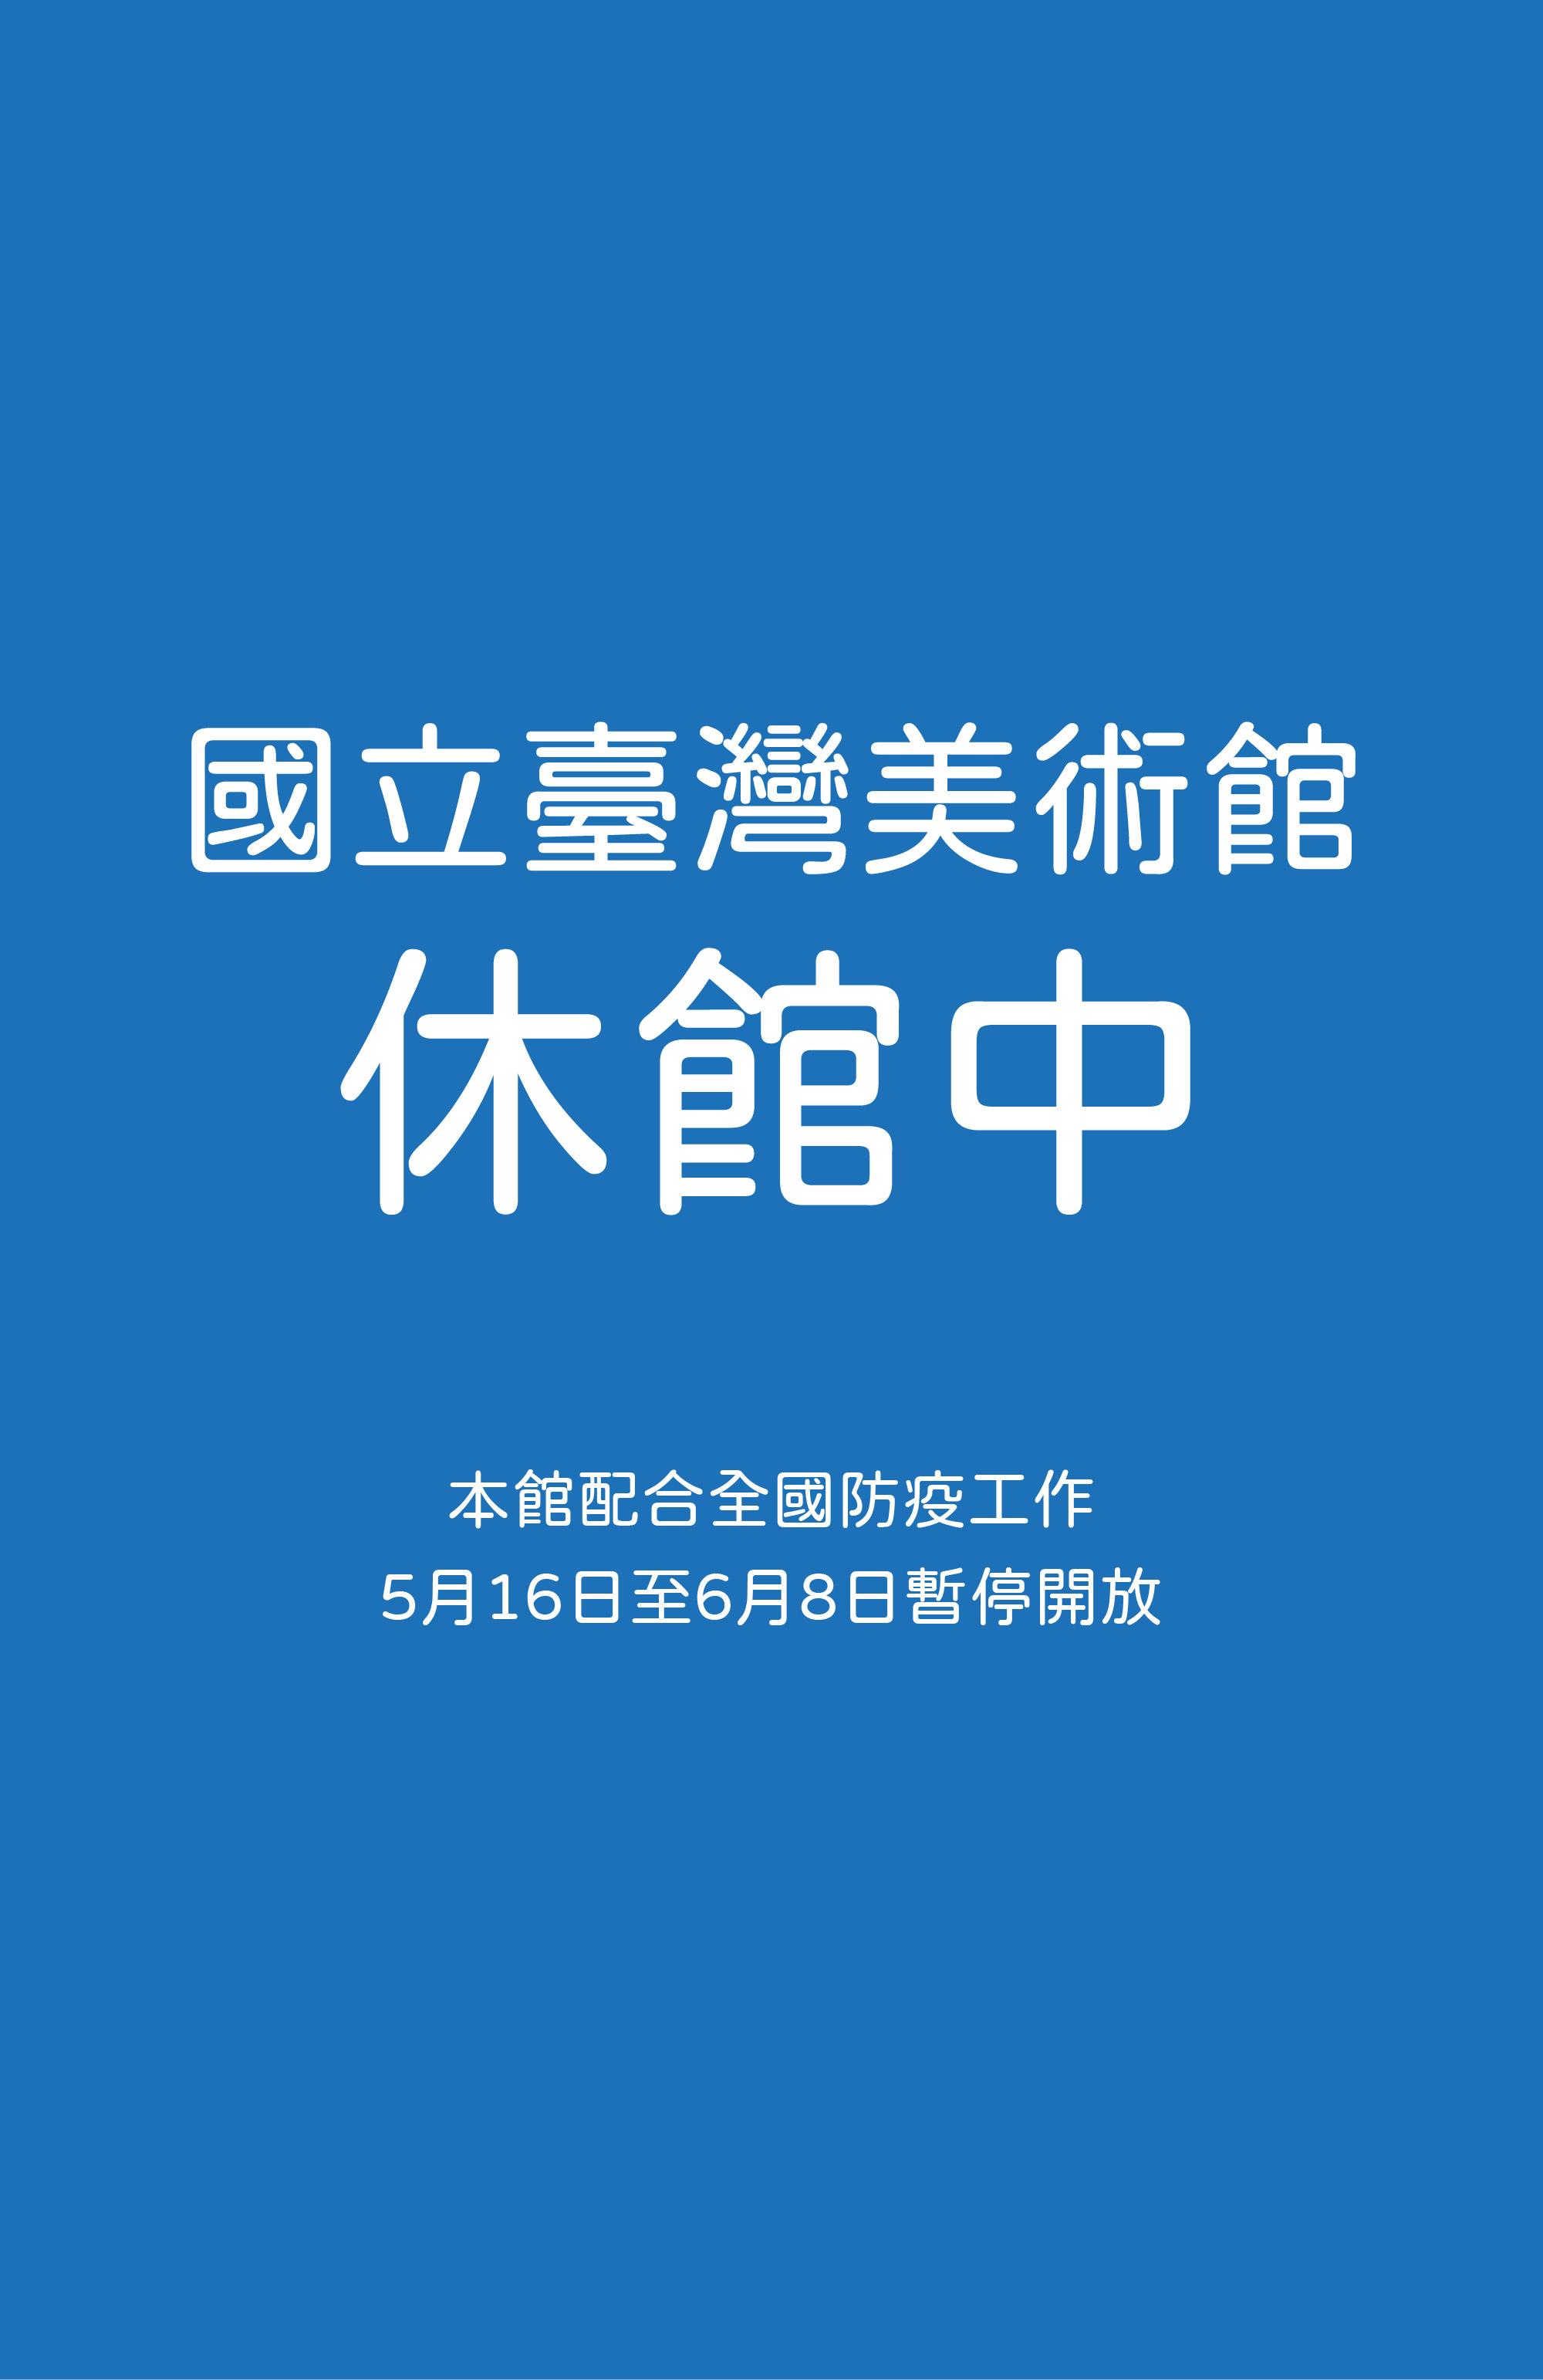 國美館自5月16日至6月8日休館「另開新視窗」